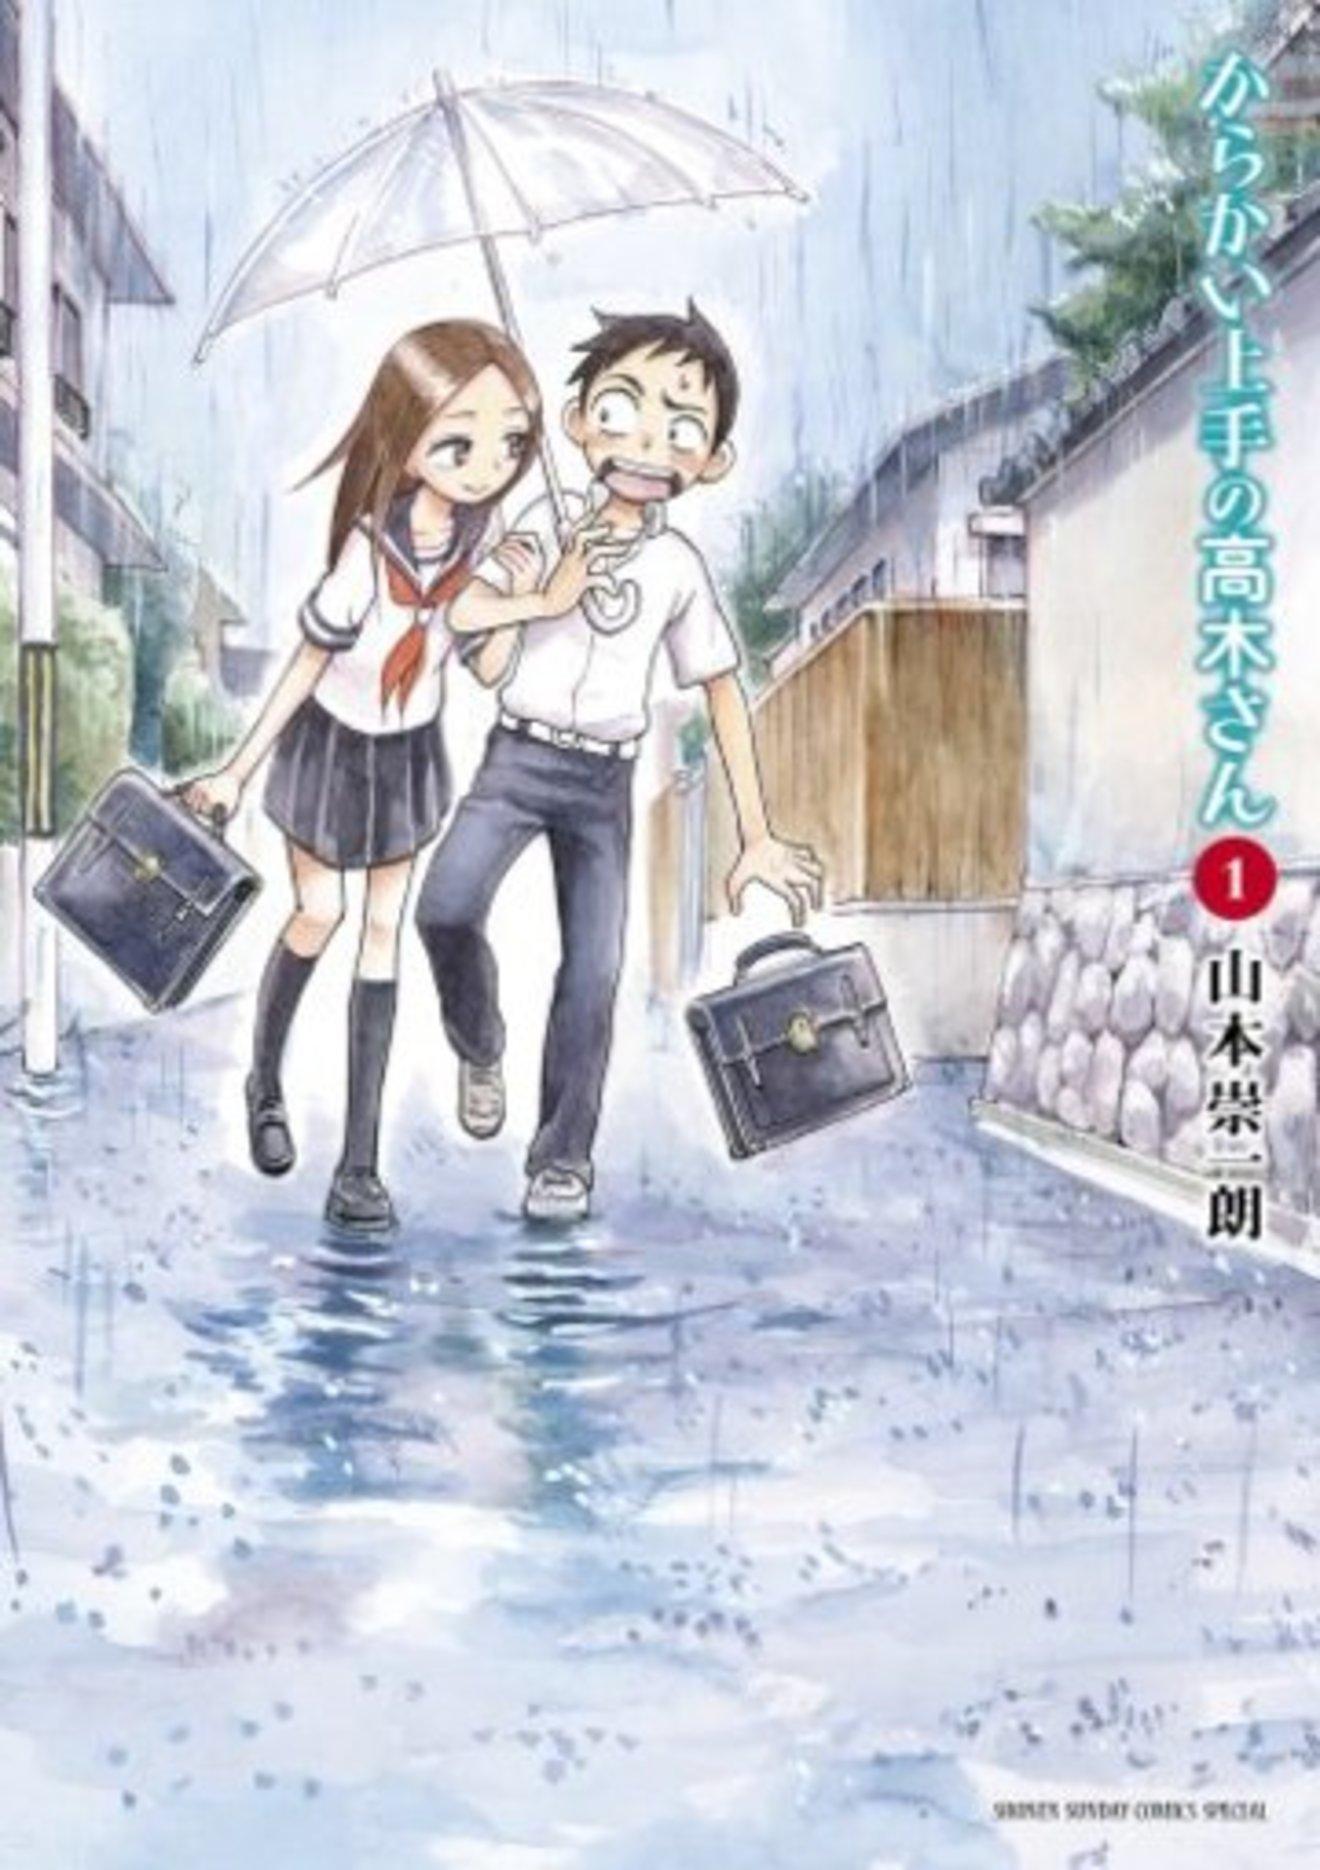 漫画『からかい上手の高木さん』の可愛さに叫びたい!全巻名シーンネタバレ!